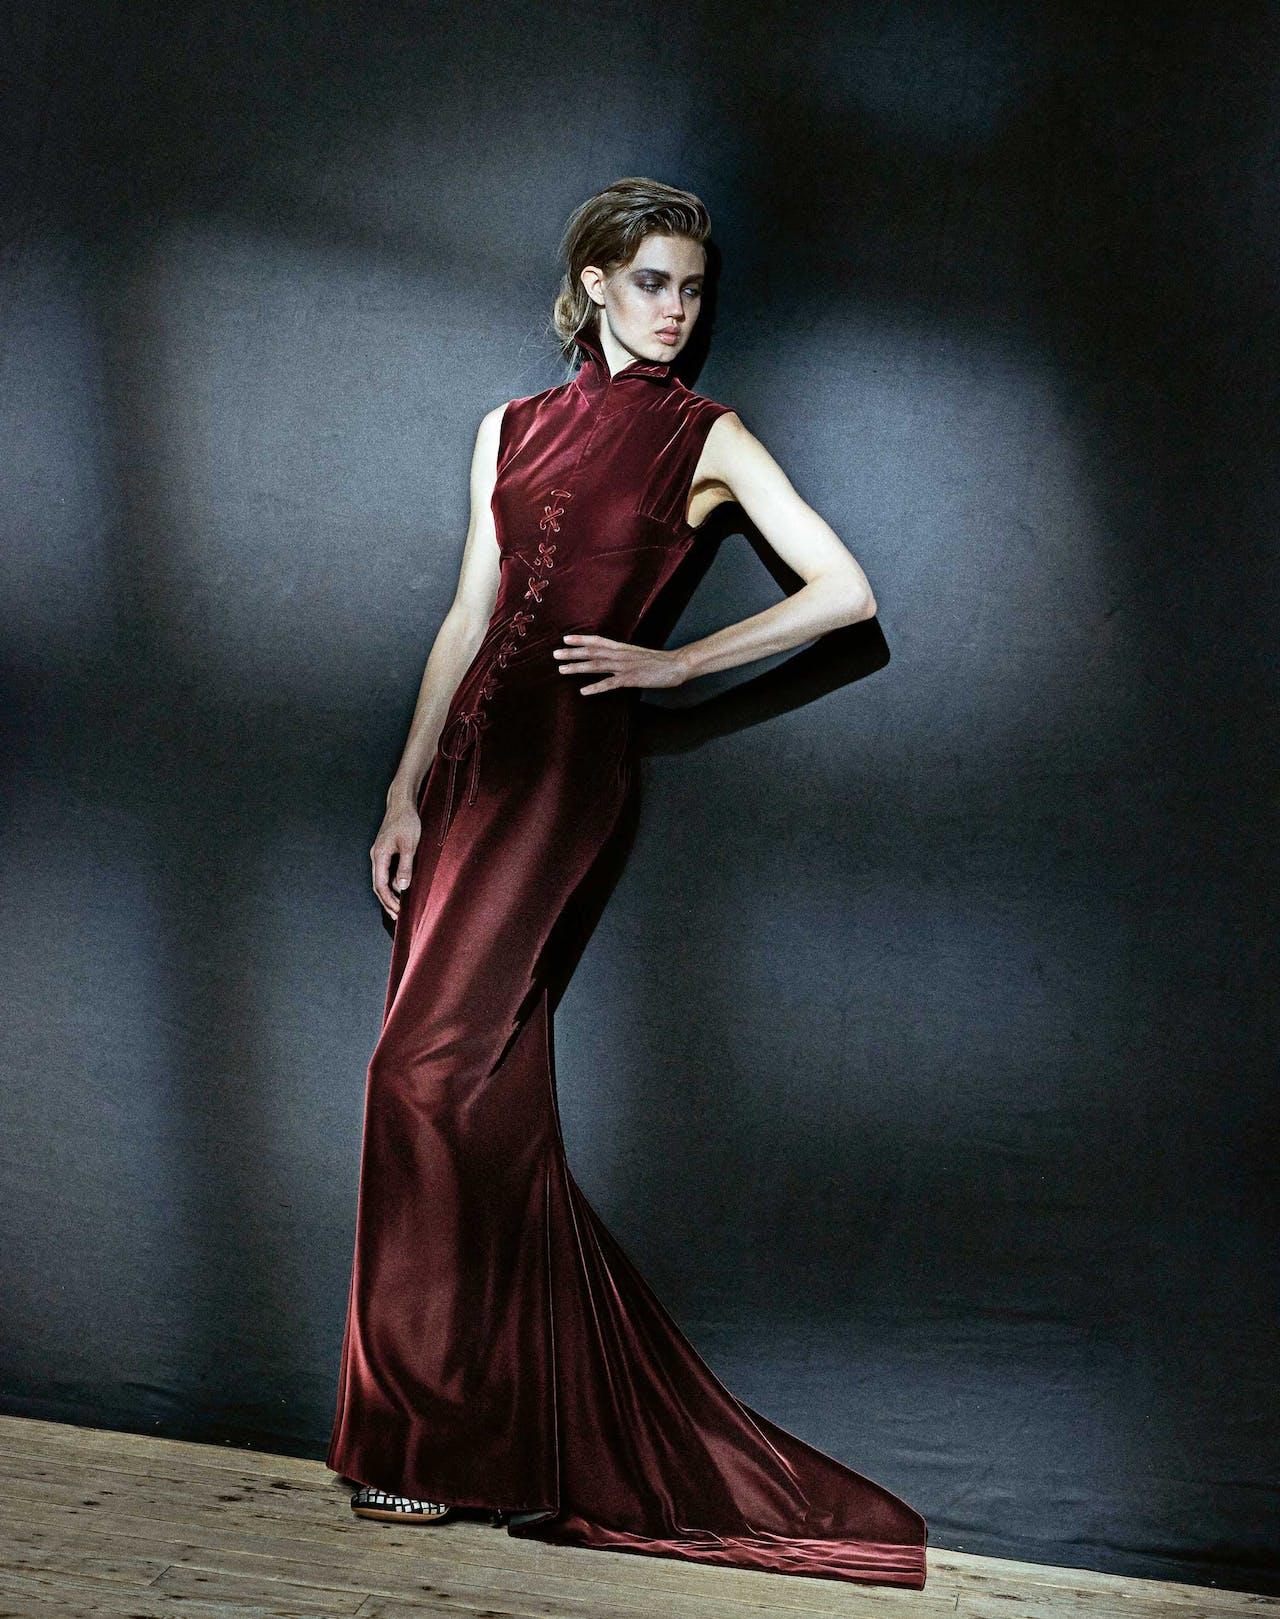 Ter gelegenheid van de overzichtstentoonstelling in Palais Galleria in Parijs in 2013 fotografeerde de beroemde fotograaf Peter Lindbergh een aantal legendarische jurken.